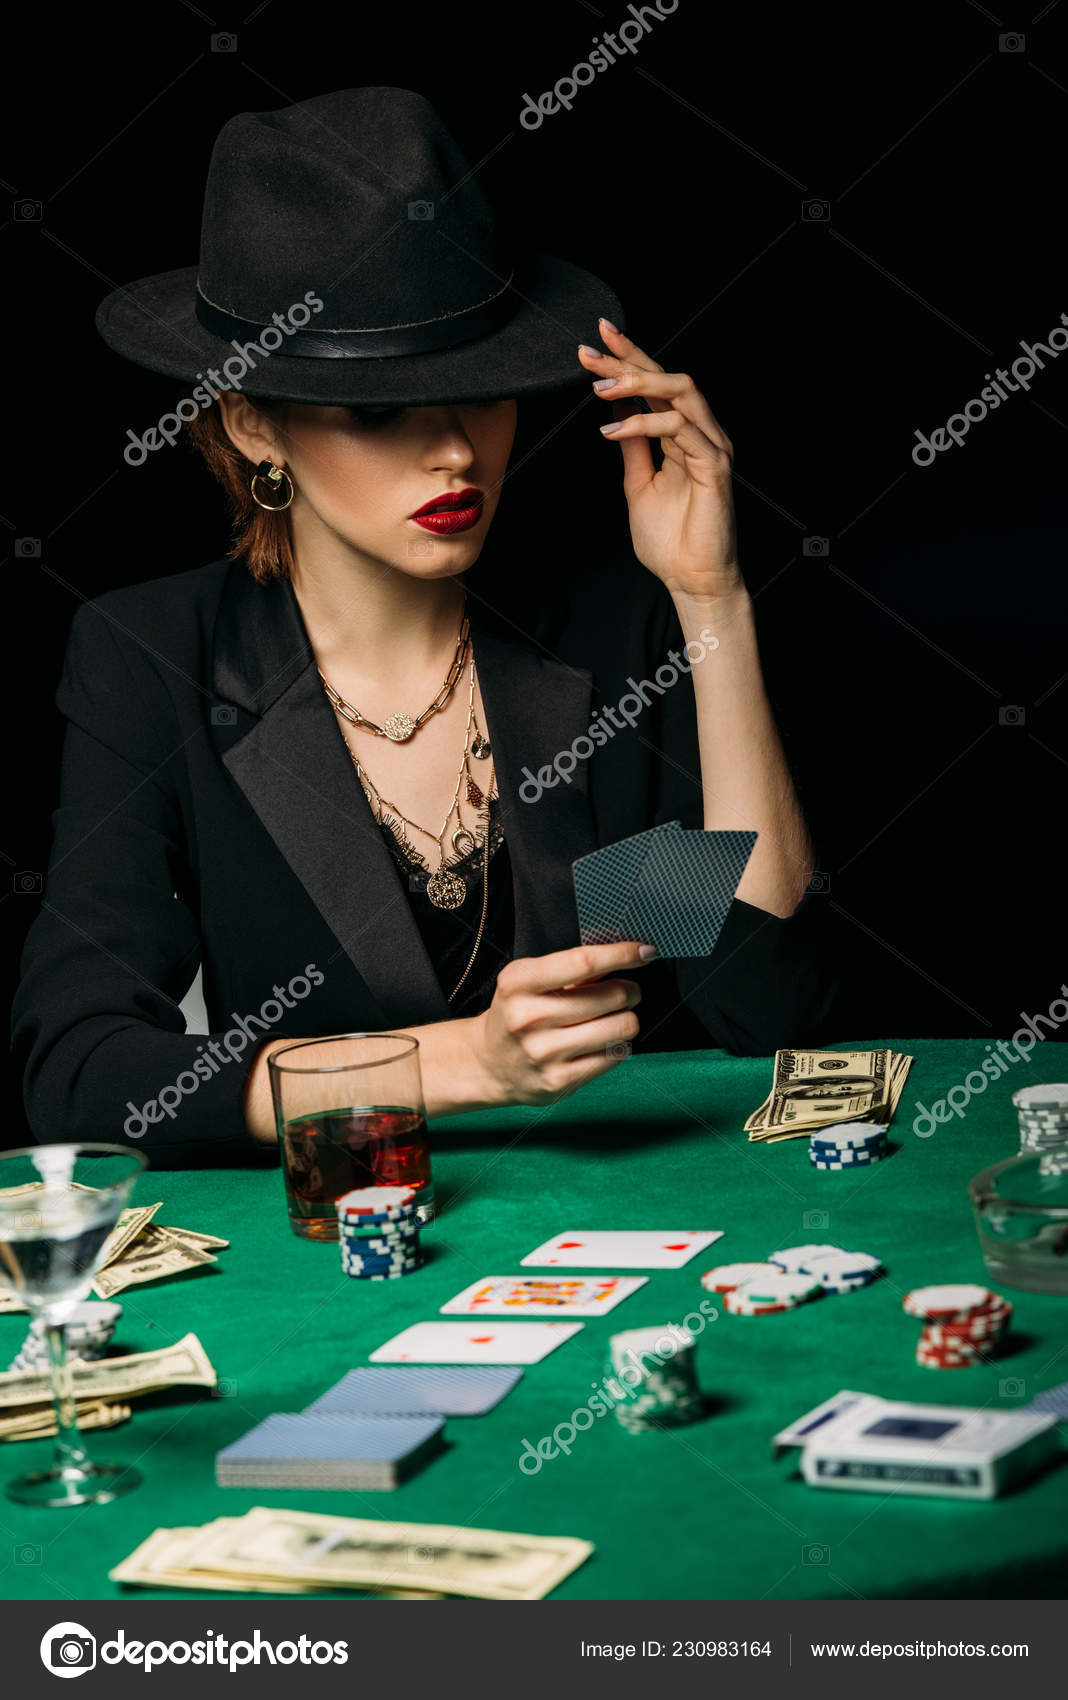 На что играть карты с девушкой real casino online paypal